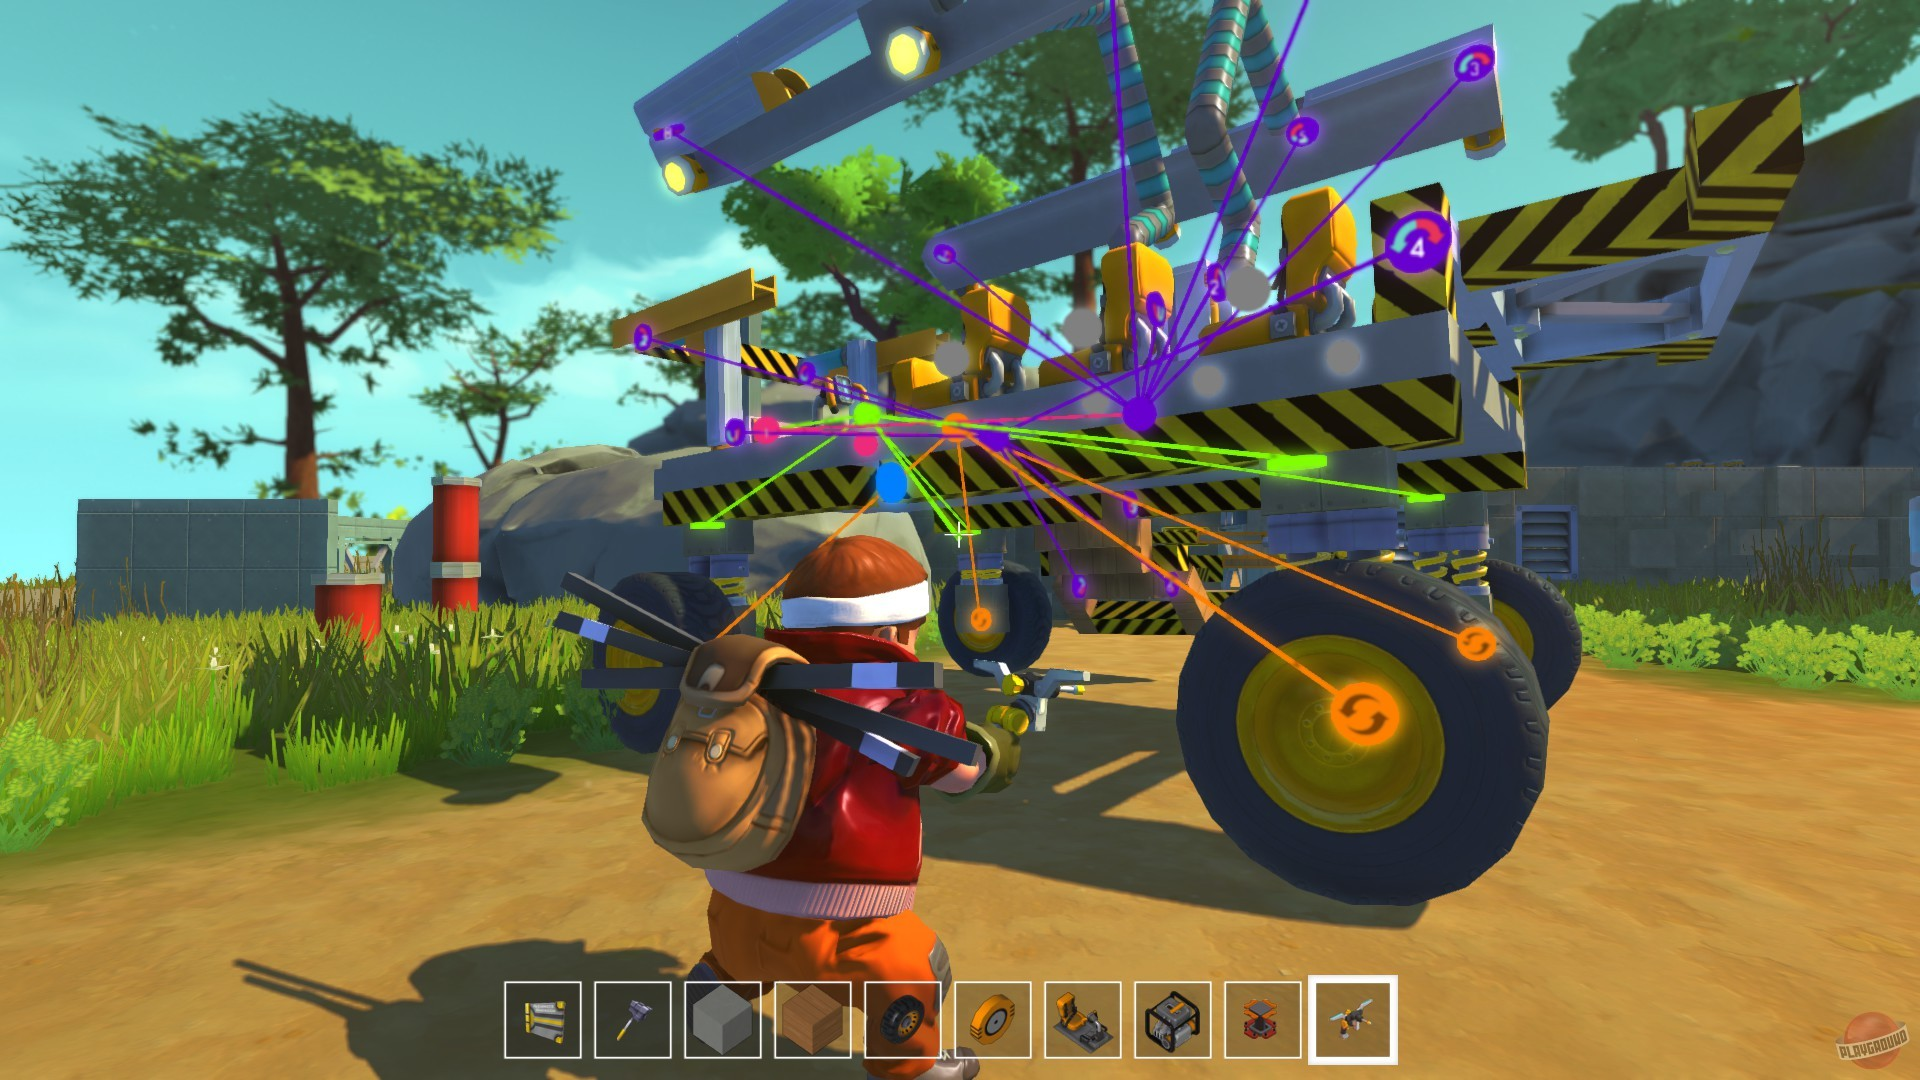 http://i.playground.ru/i/59/98/60/00/screenshot/scrap_mechanic.jpg